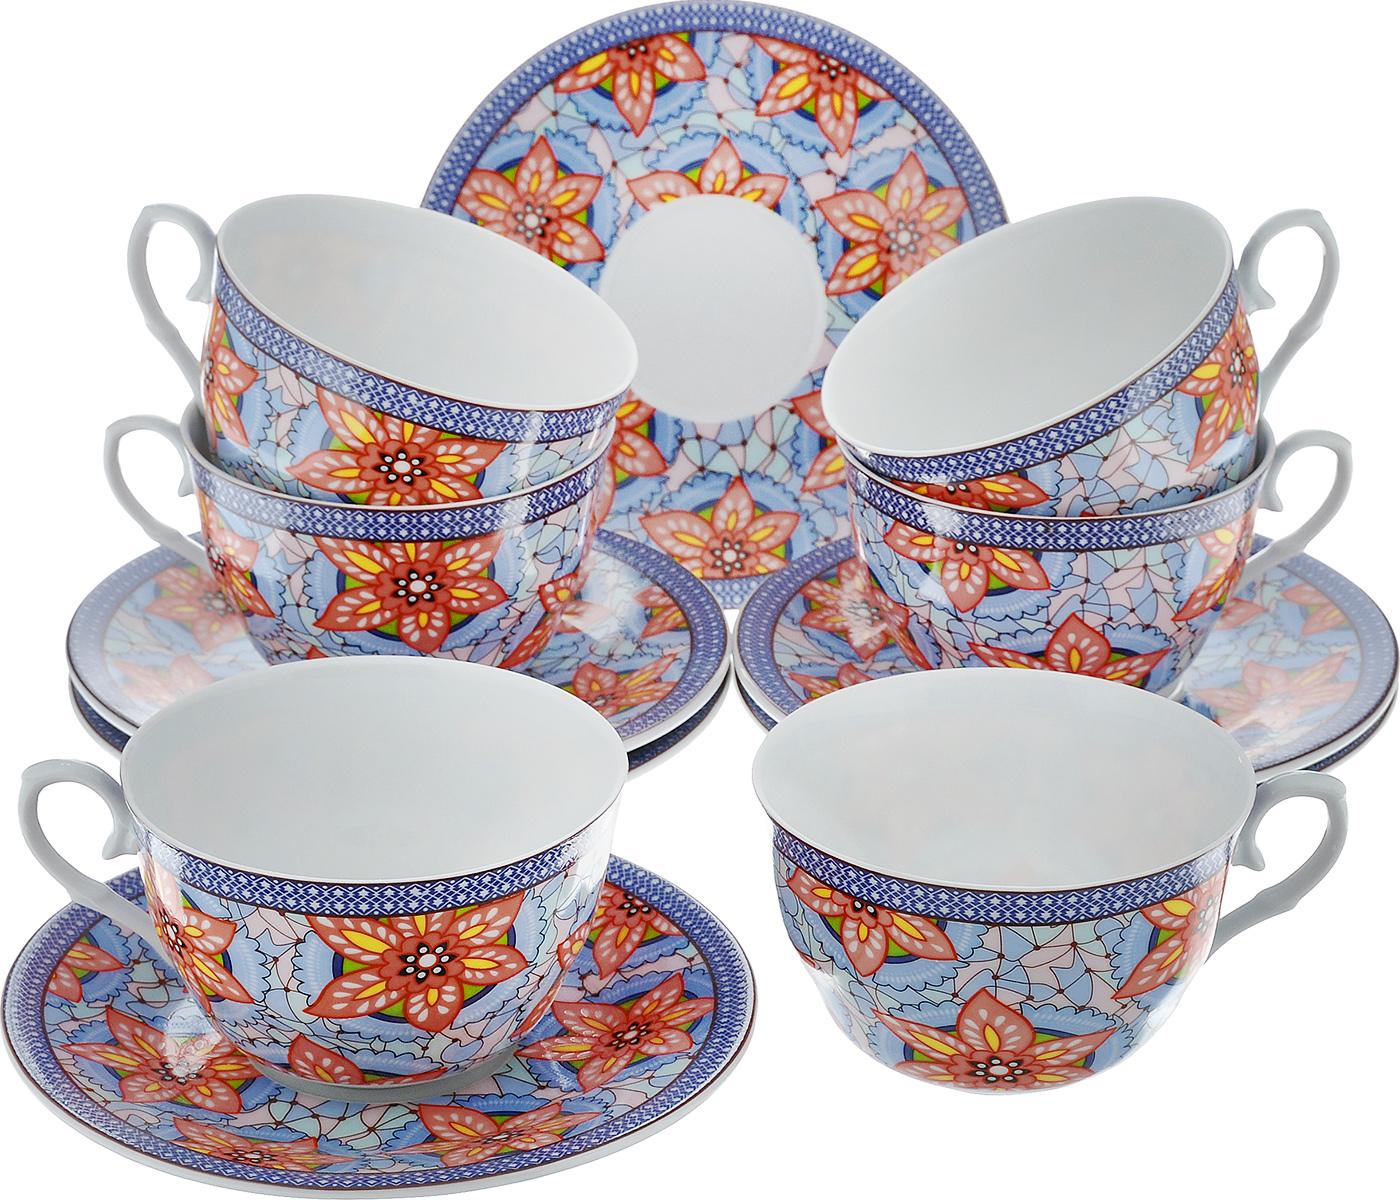 Чайный набор LarangE Витраж, цвет: голубой, персиковый, 12 предметов586-316Чайный набор LarangE Витраж состоит из шести чашек и шести блюдец,изготовленных из фарфора. Предметы набора оформленыизящным ярким рисунком.Чайный набор LarangE Витраж украсит ваш кухонный стол, а такжестанет замечательным подарком друзьям и близким.Объем чашки: 250 мл.Диаметр чашки по верхнему краю: 9 см.Высота чашки: 6 см.Диаметр блюдца: 14,5 см.